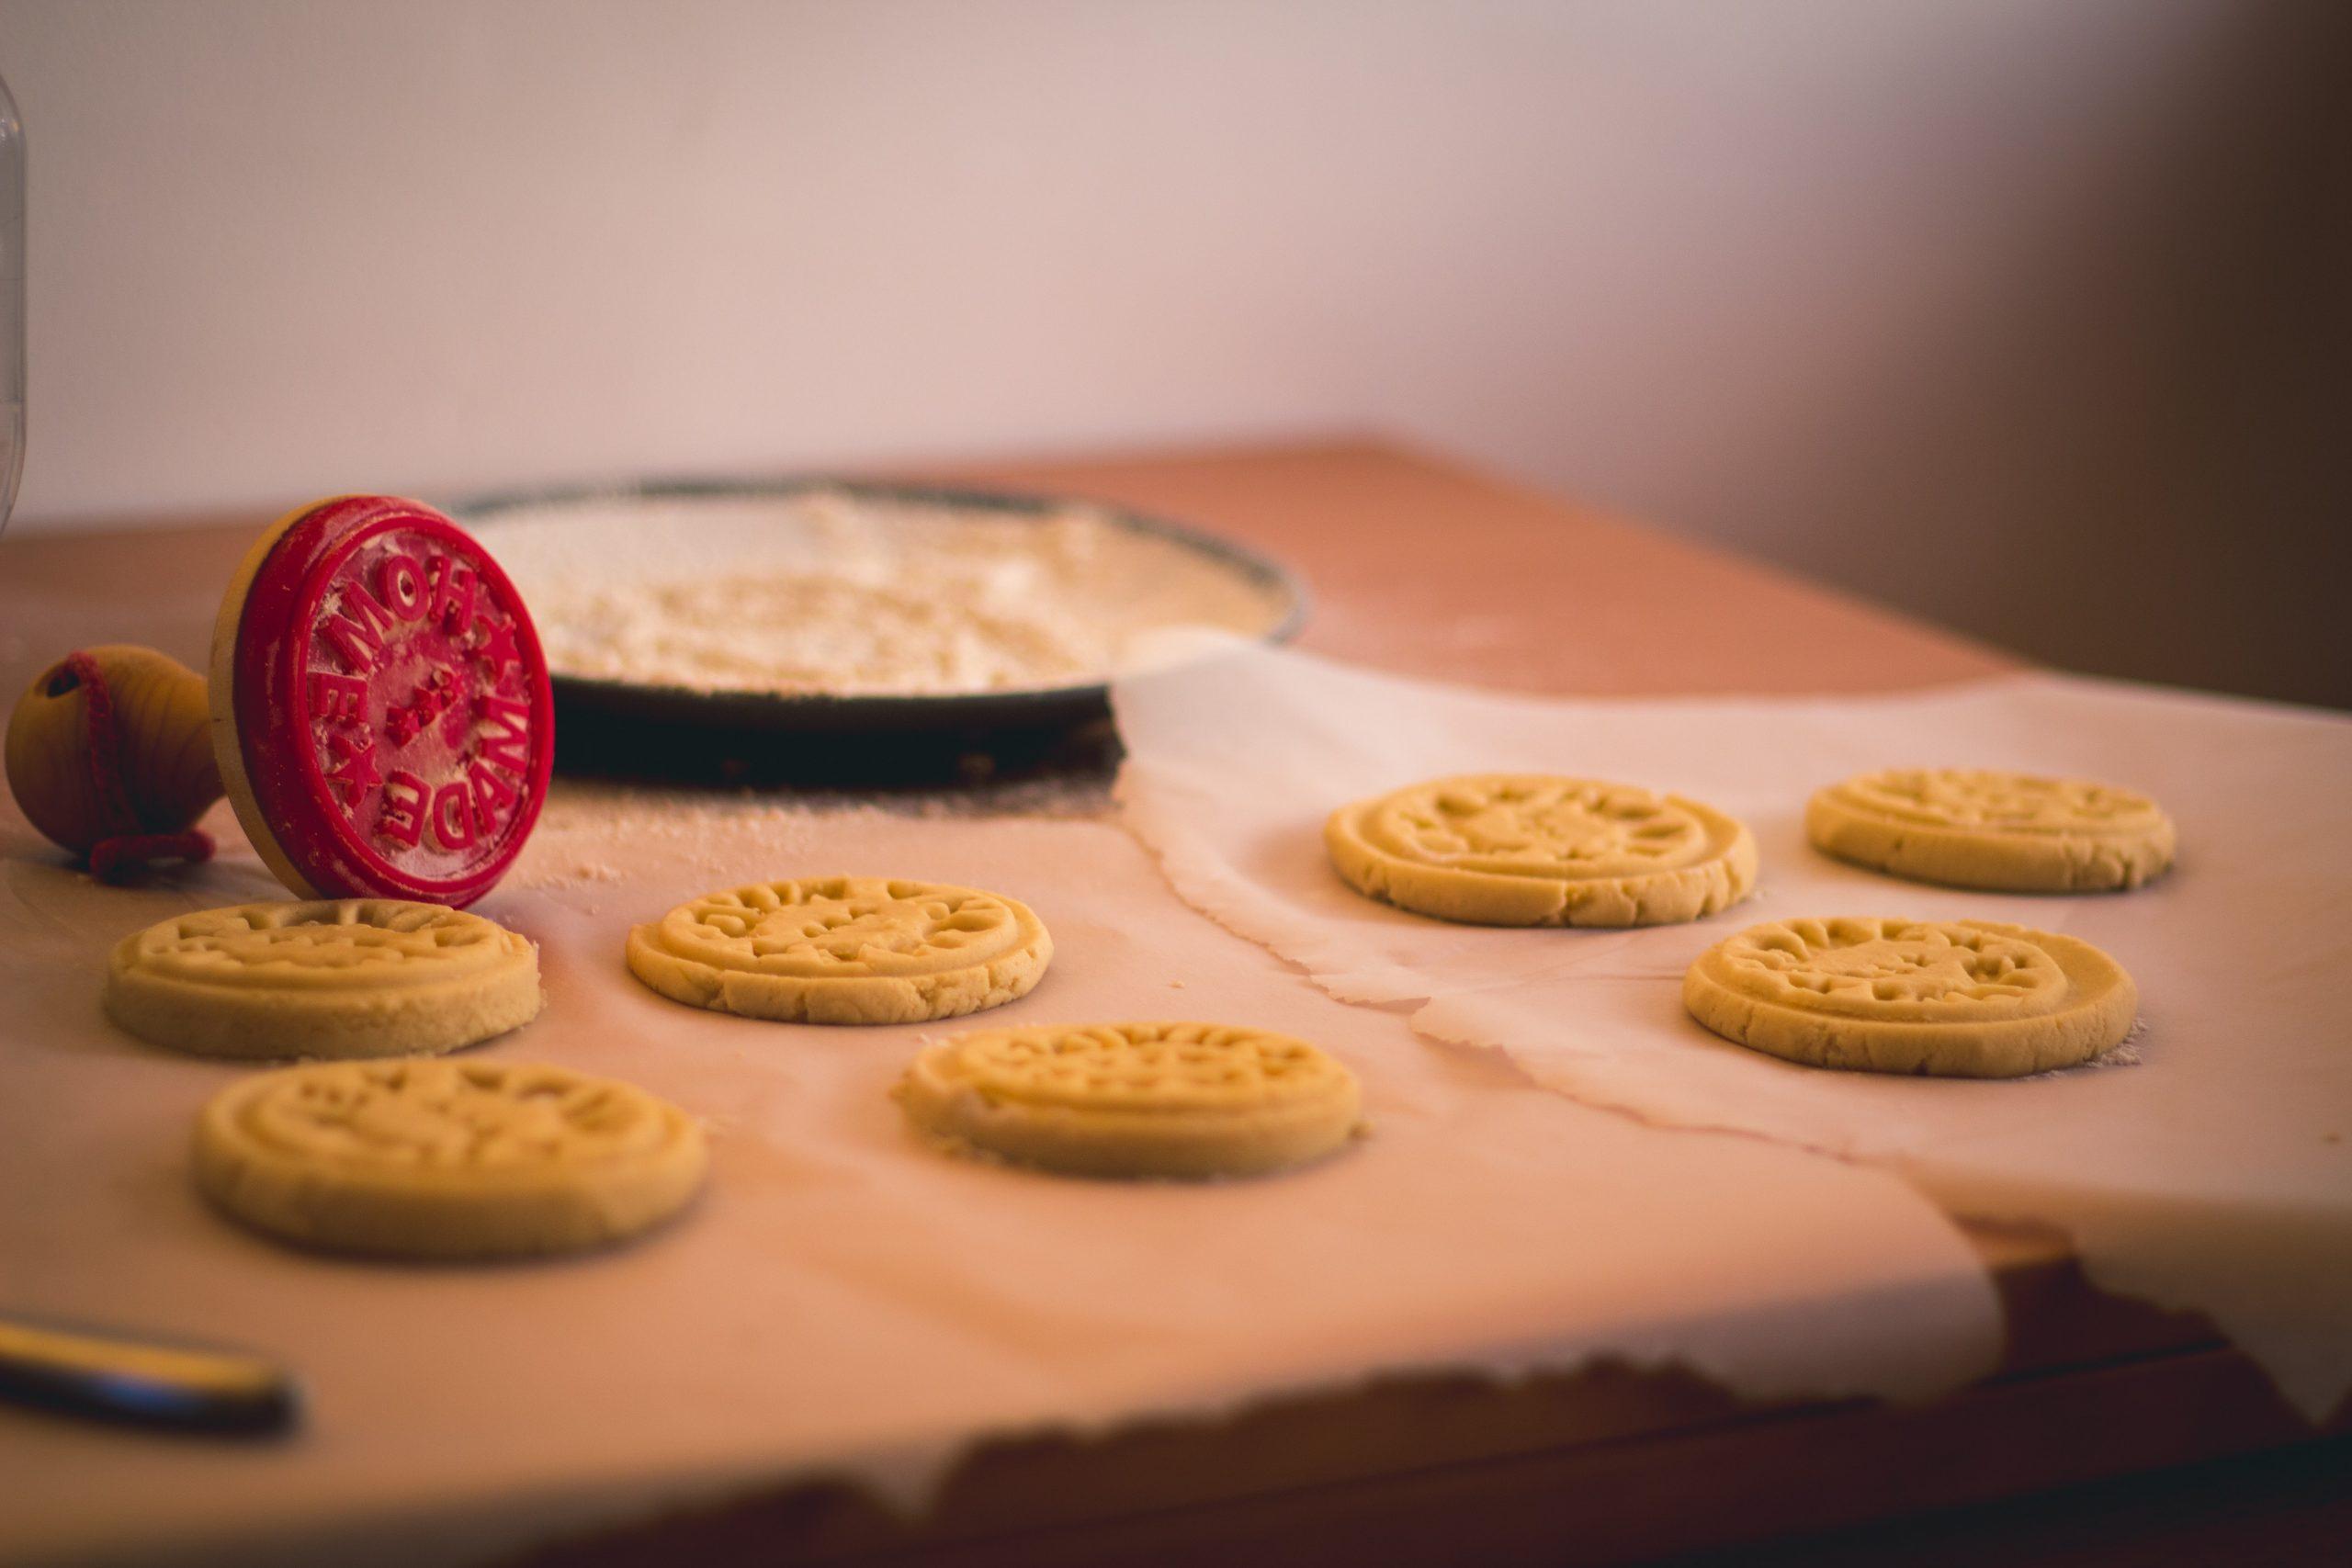 Aprenda a fazer deliciosos biscoitos amanteigados zero açúcar